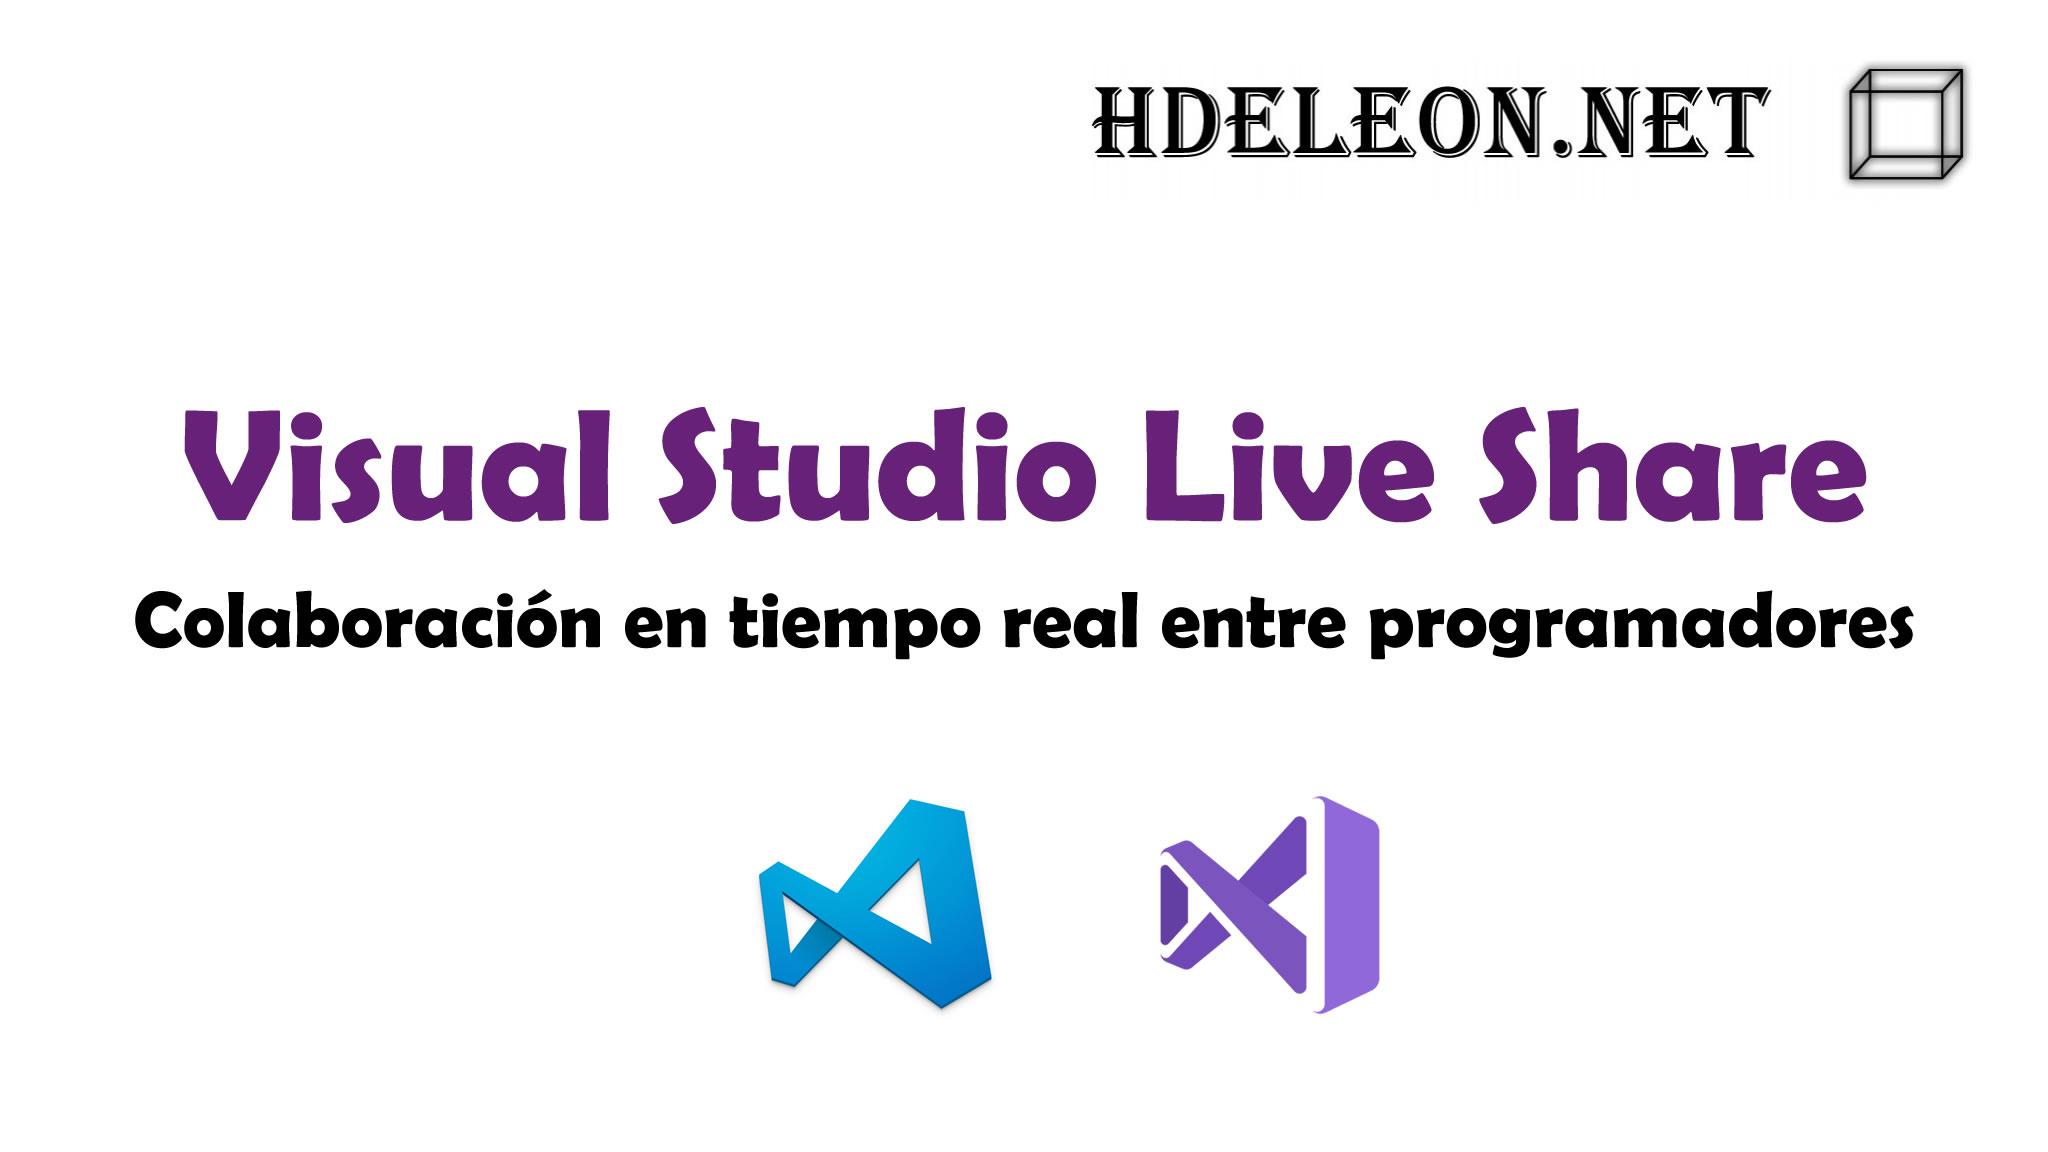 ¿Cómo utilizar Live Share Visual Studio? Colaboración en tiempo real entre programadores